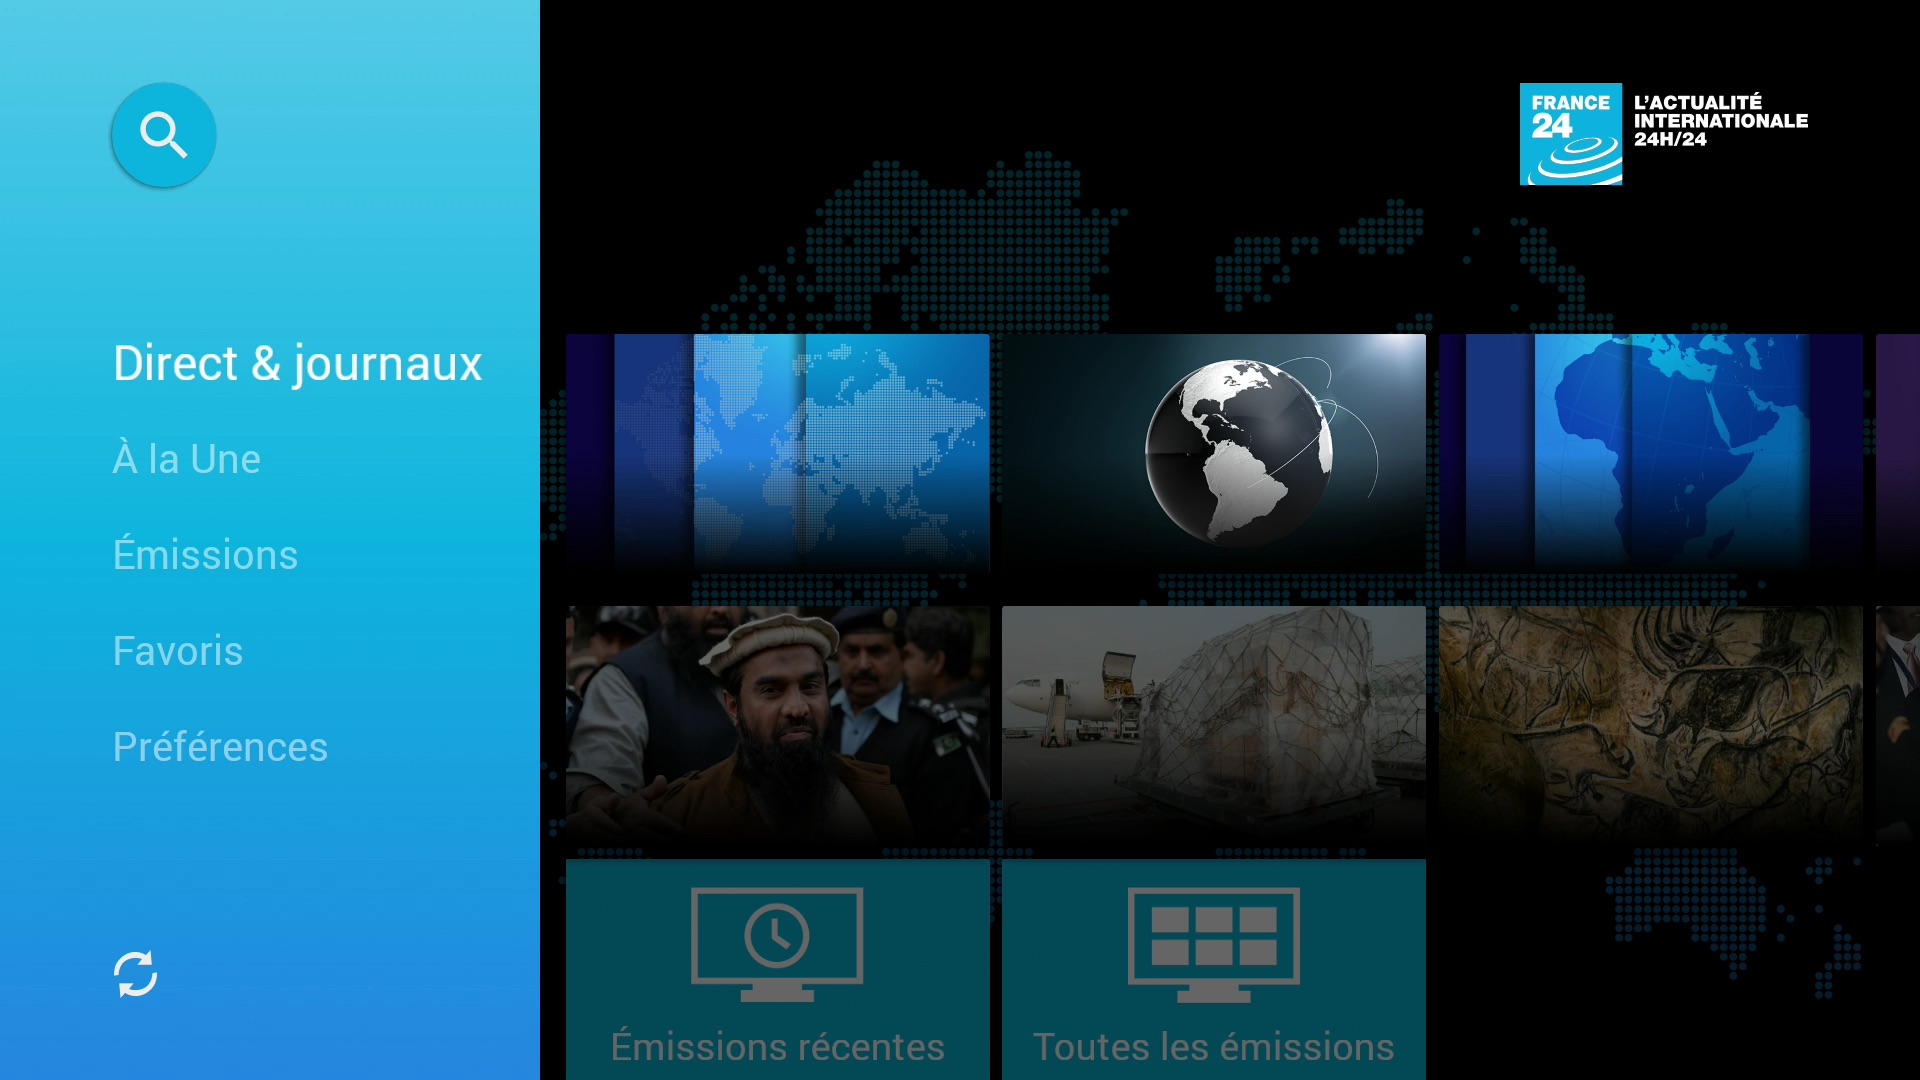 Conseil d 39 app france 24 sur freebox mini 4k for Redaction sur le respect